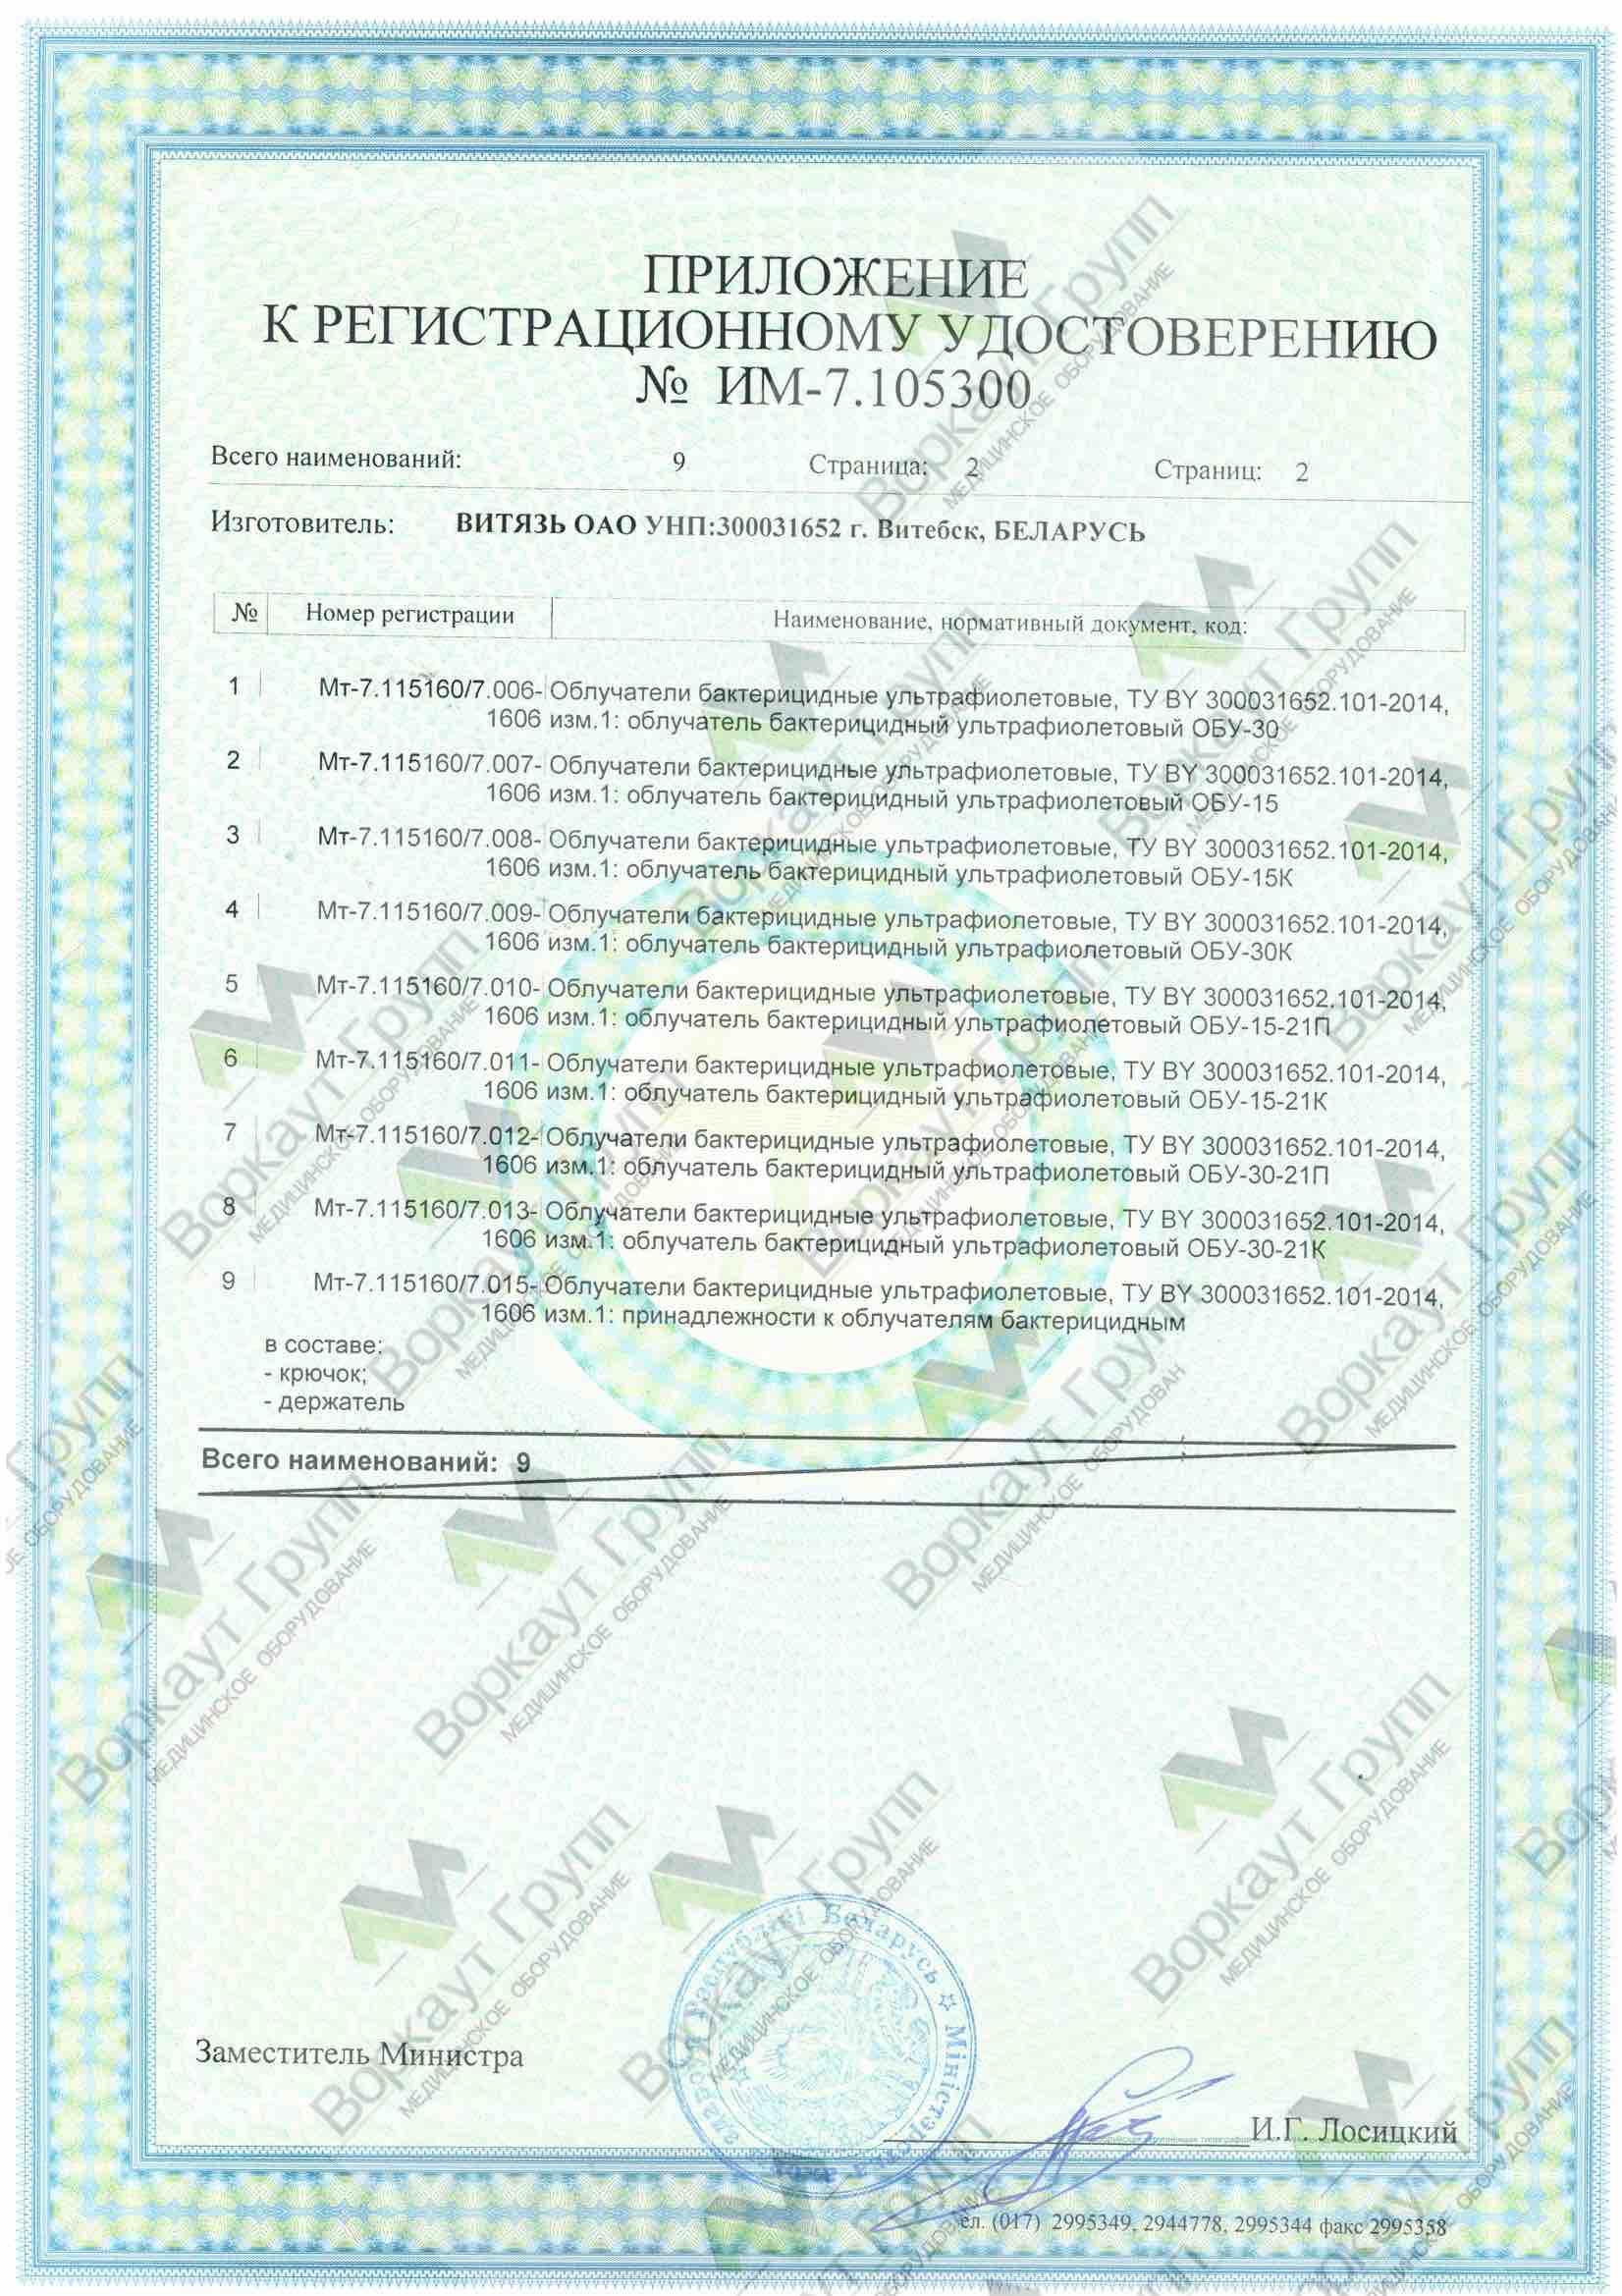 Облучатель ультрафиолетовый ОБУ-15-21-П с проводом